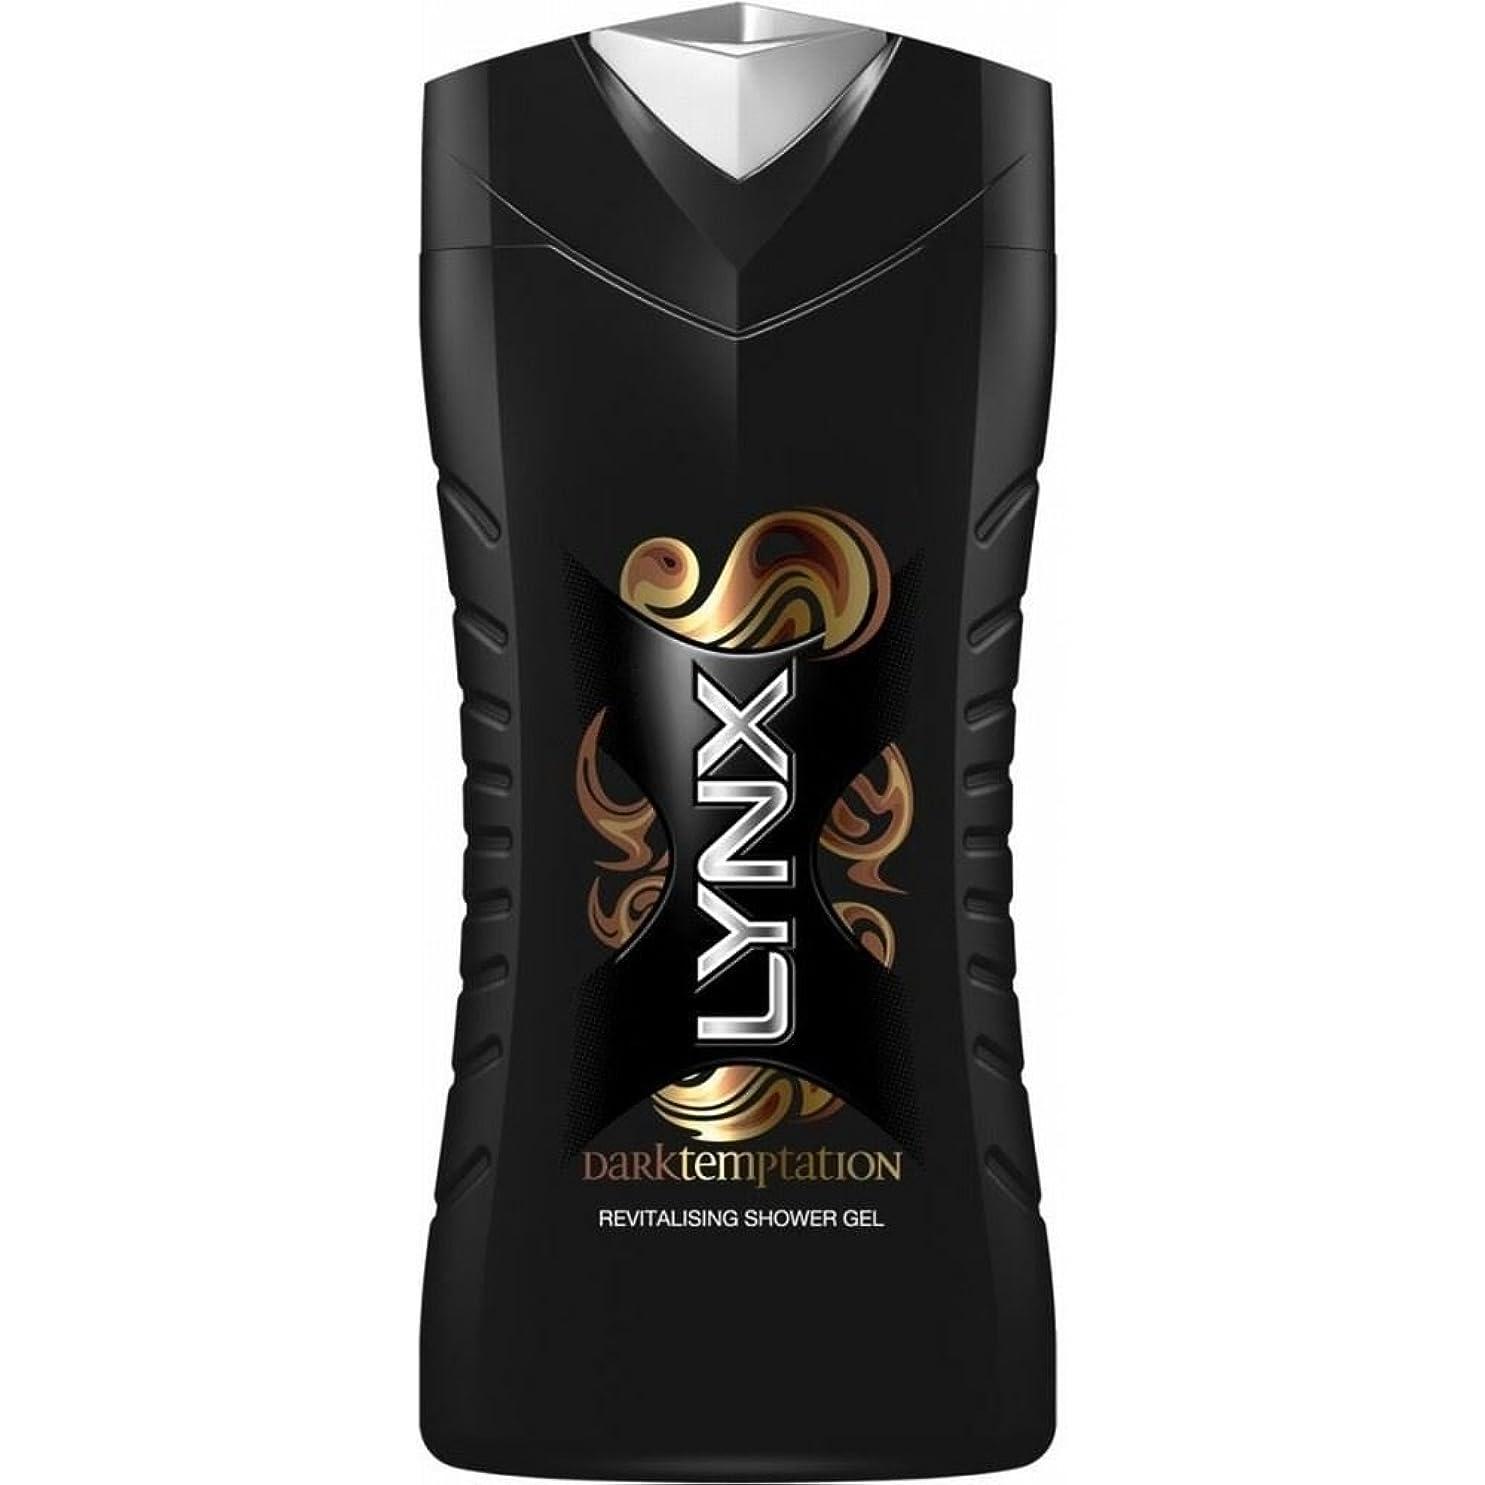 スライスピーブ悔い改めるLynx Shower Gel - Dark Temptation (250ml) オオヤマネコのシャワージェル - ダーク誘惑( 250ミリリットル)